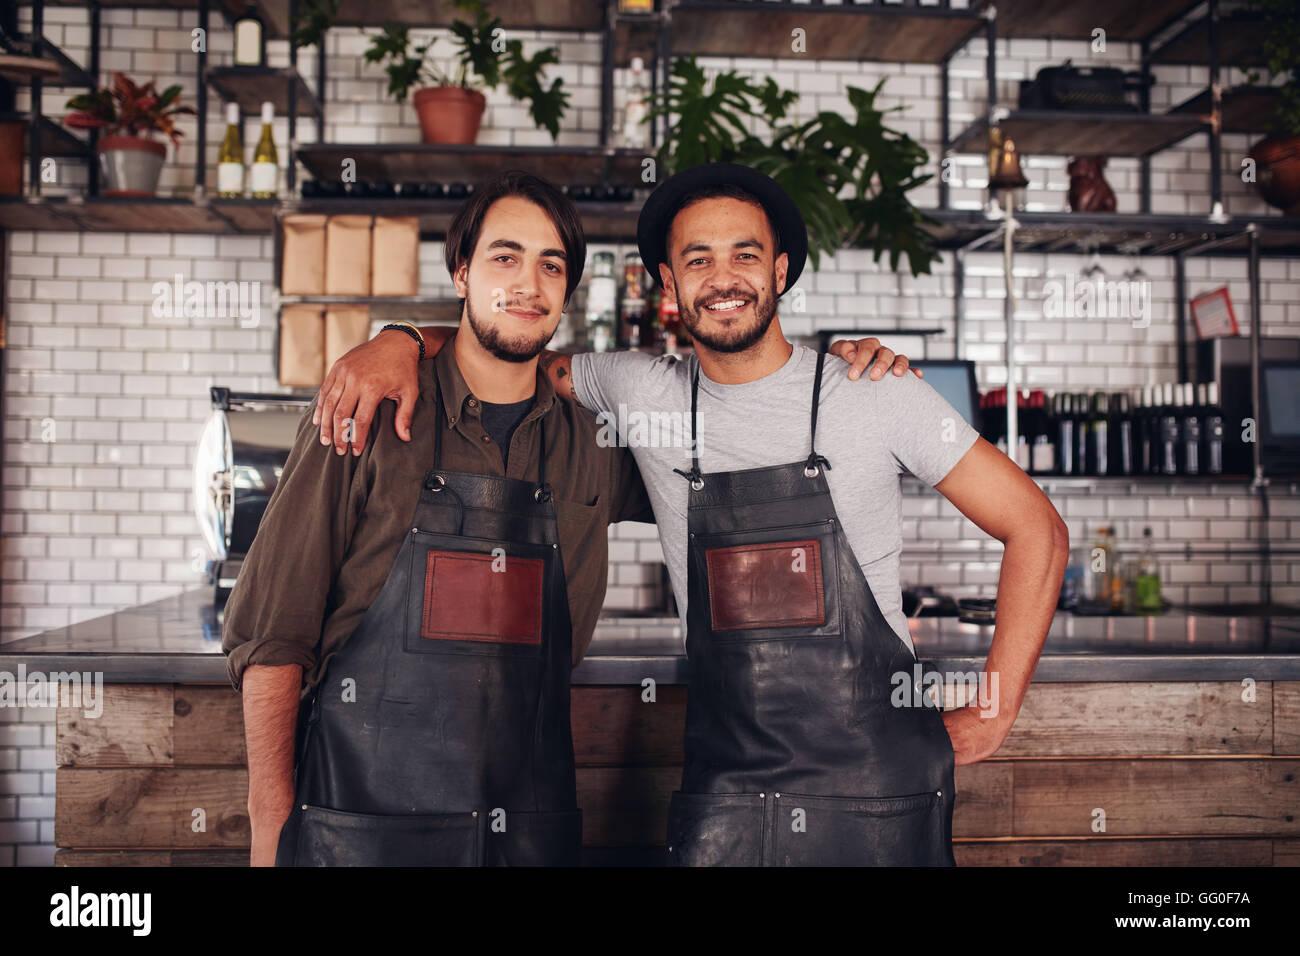 Porträt von zwei jungen Coffee-Shop-Besitzer stehen zusammen an der Bar-Theke und Blick in die Kamera. Stockbild